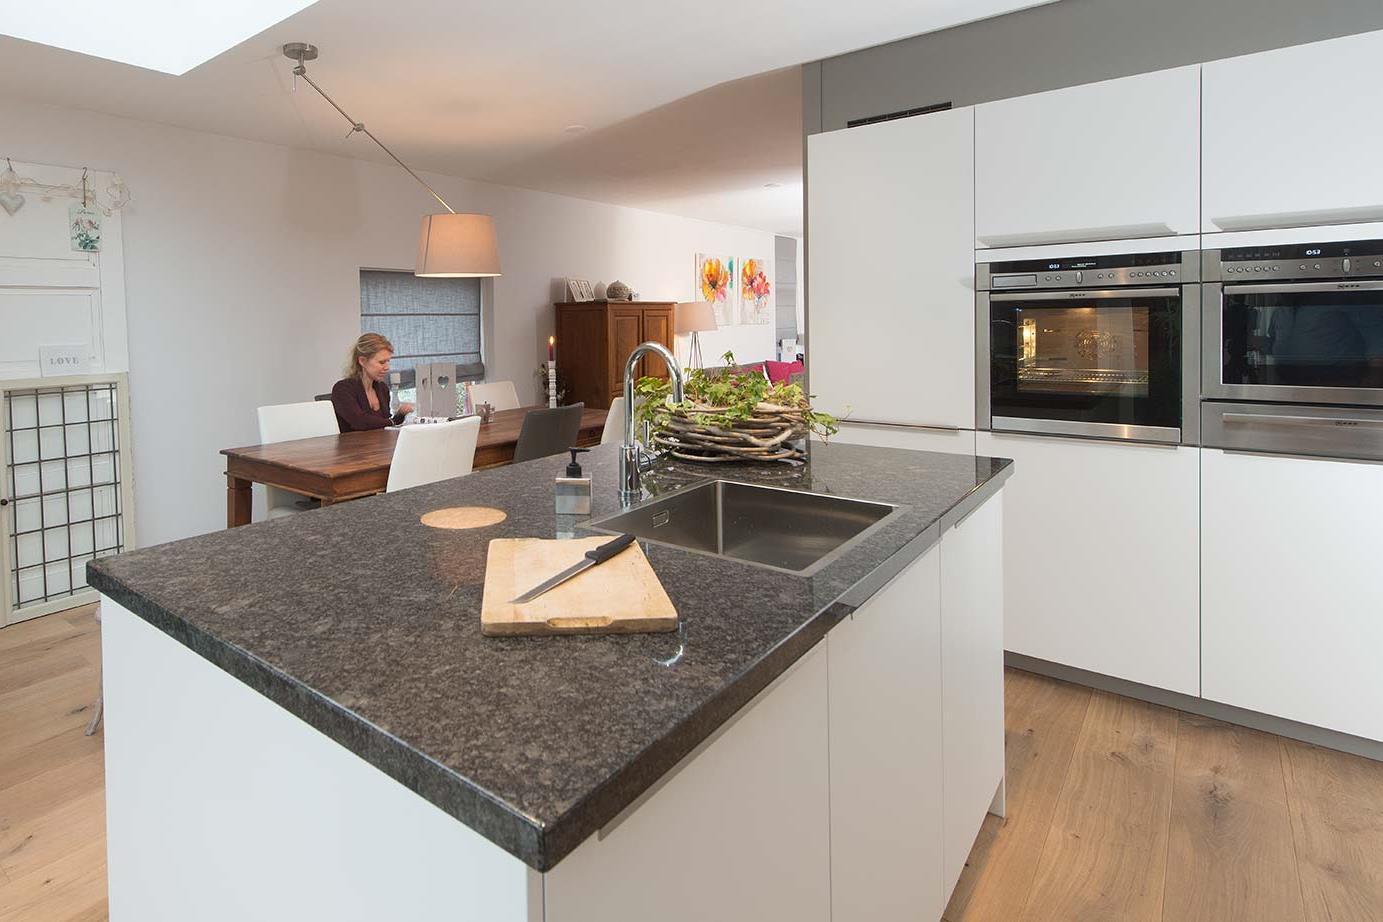 Moderne keukens volledige ontzorging keur